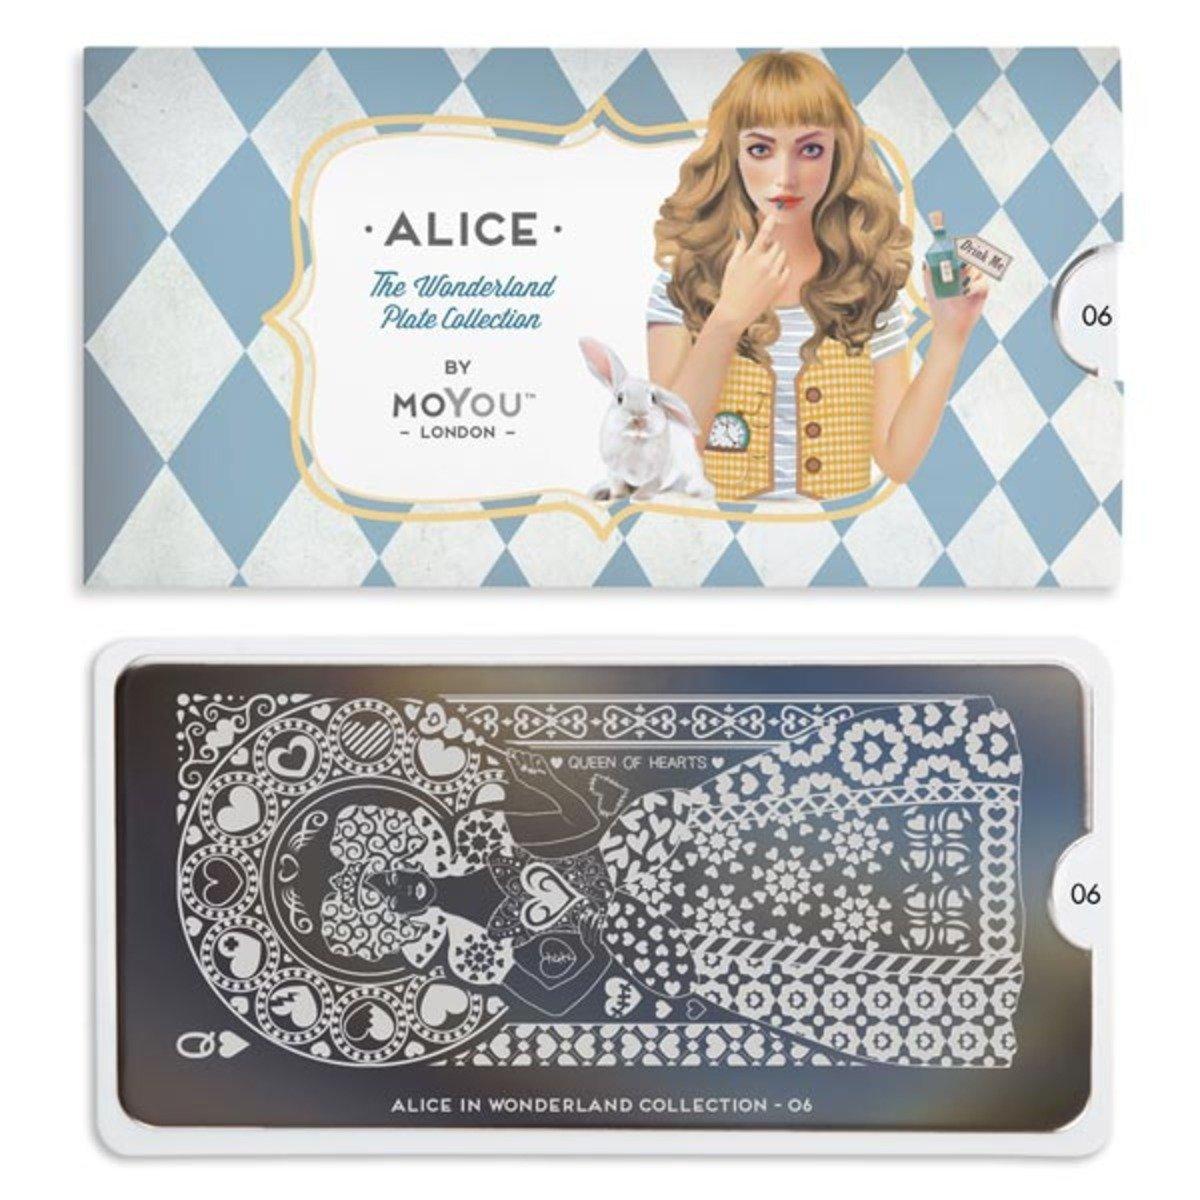 印花板 - 愛麗絲系列 06